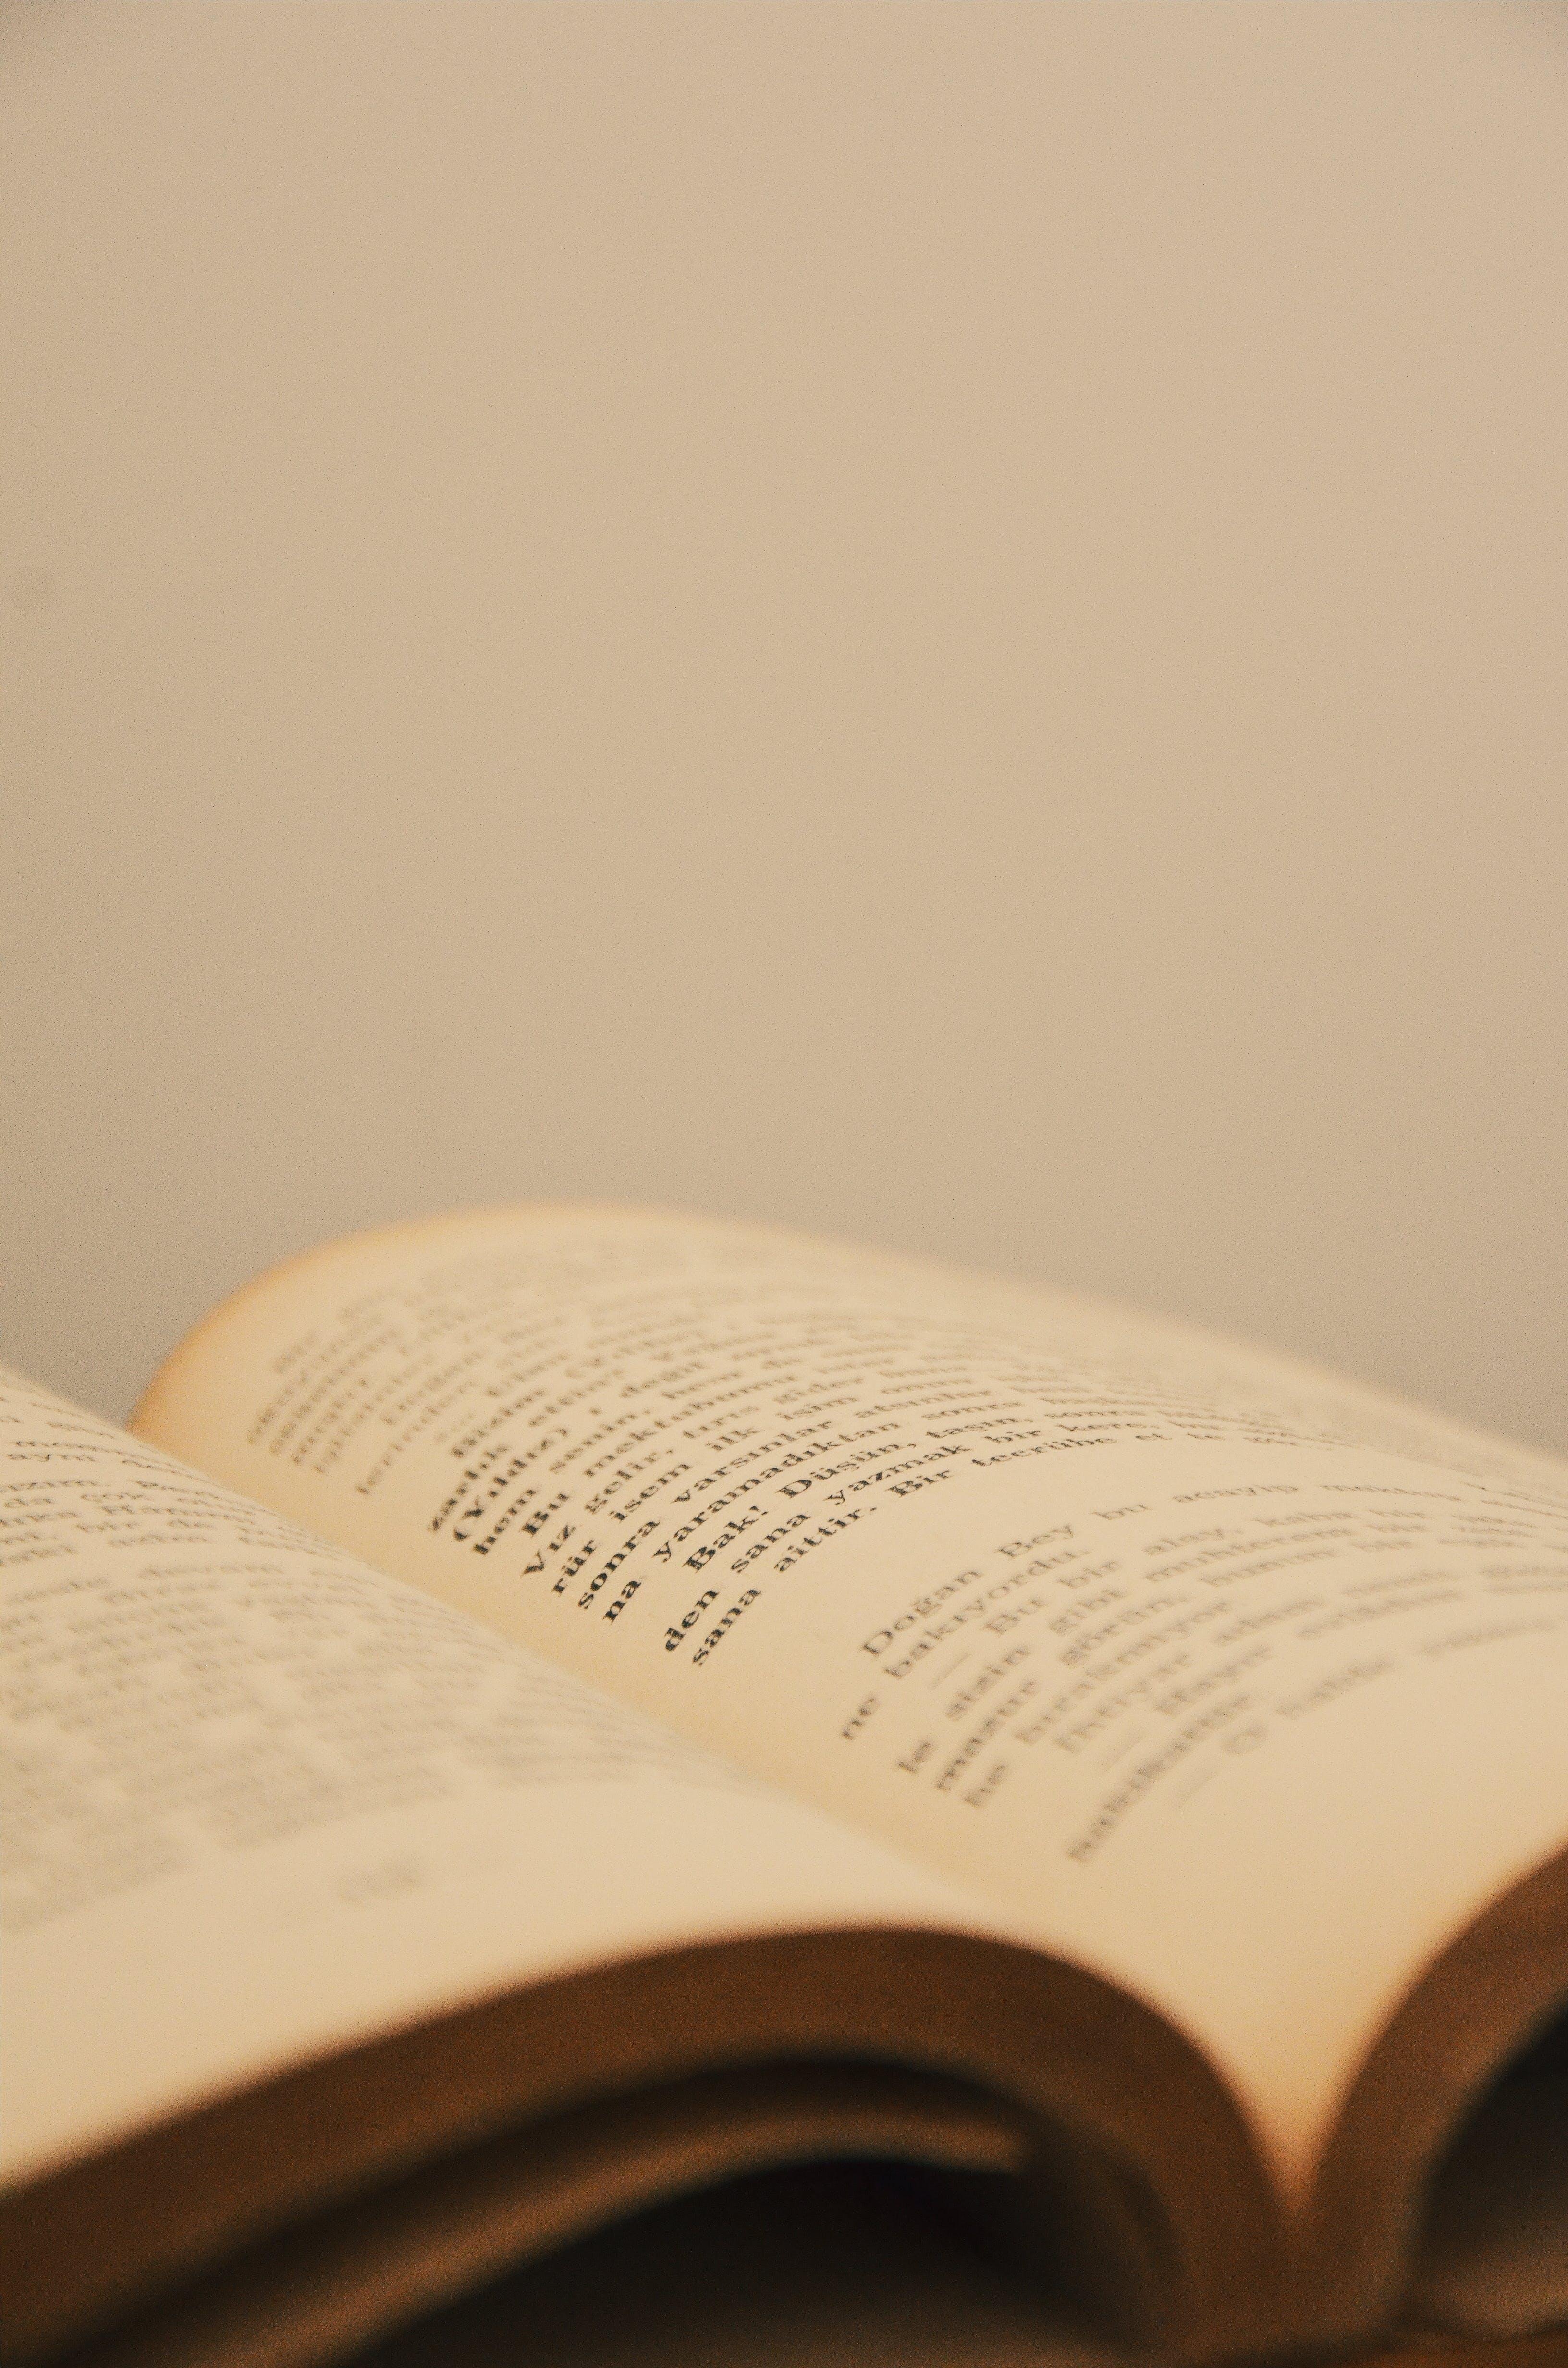 Foto profissional grátis de impressão, livro, texto